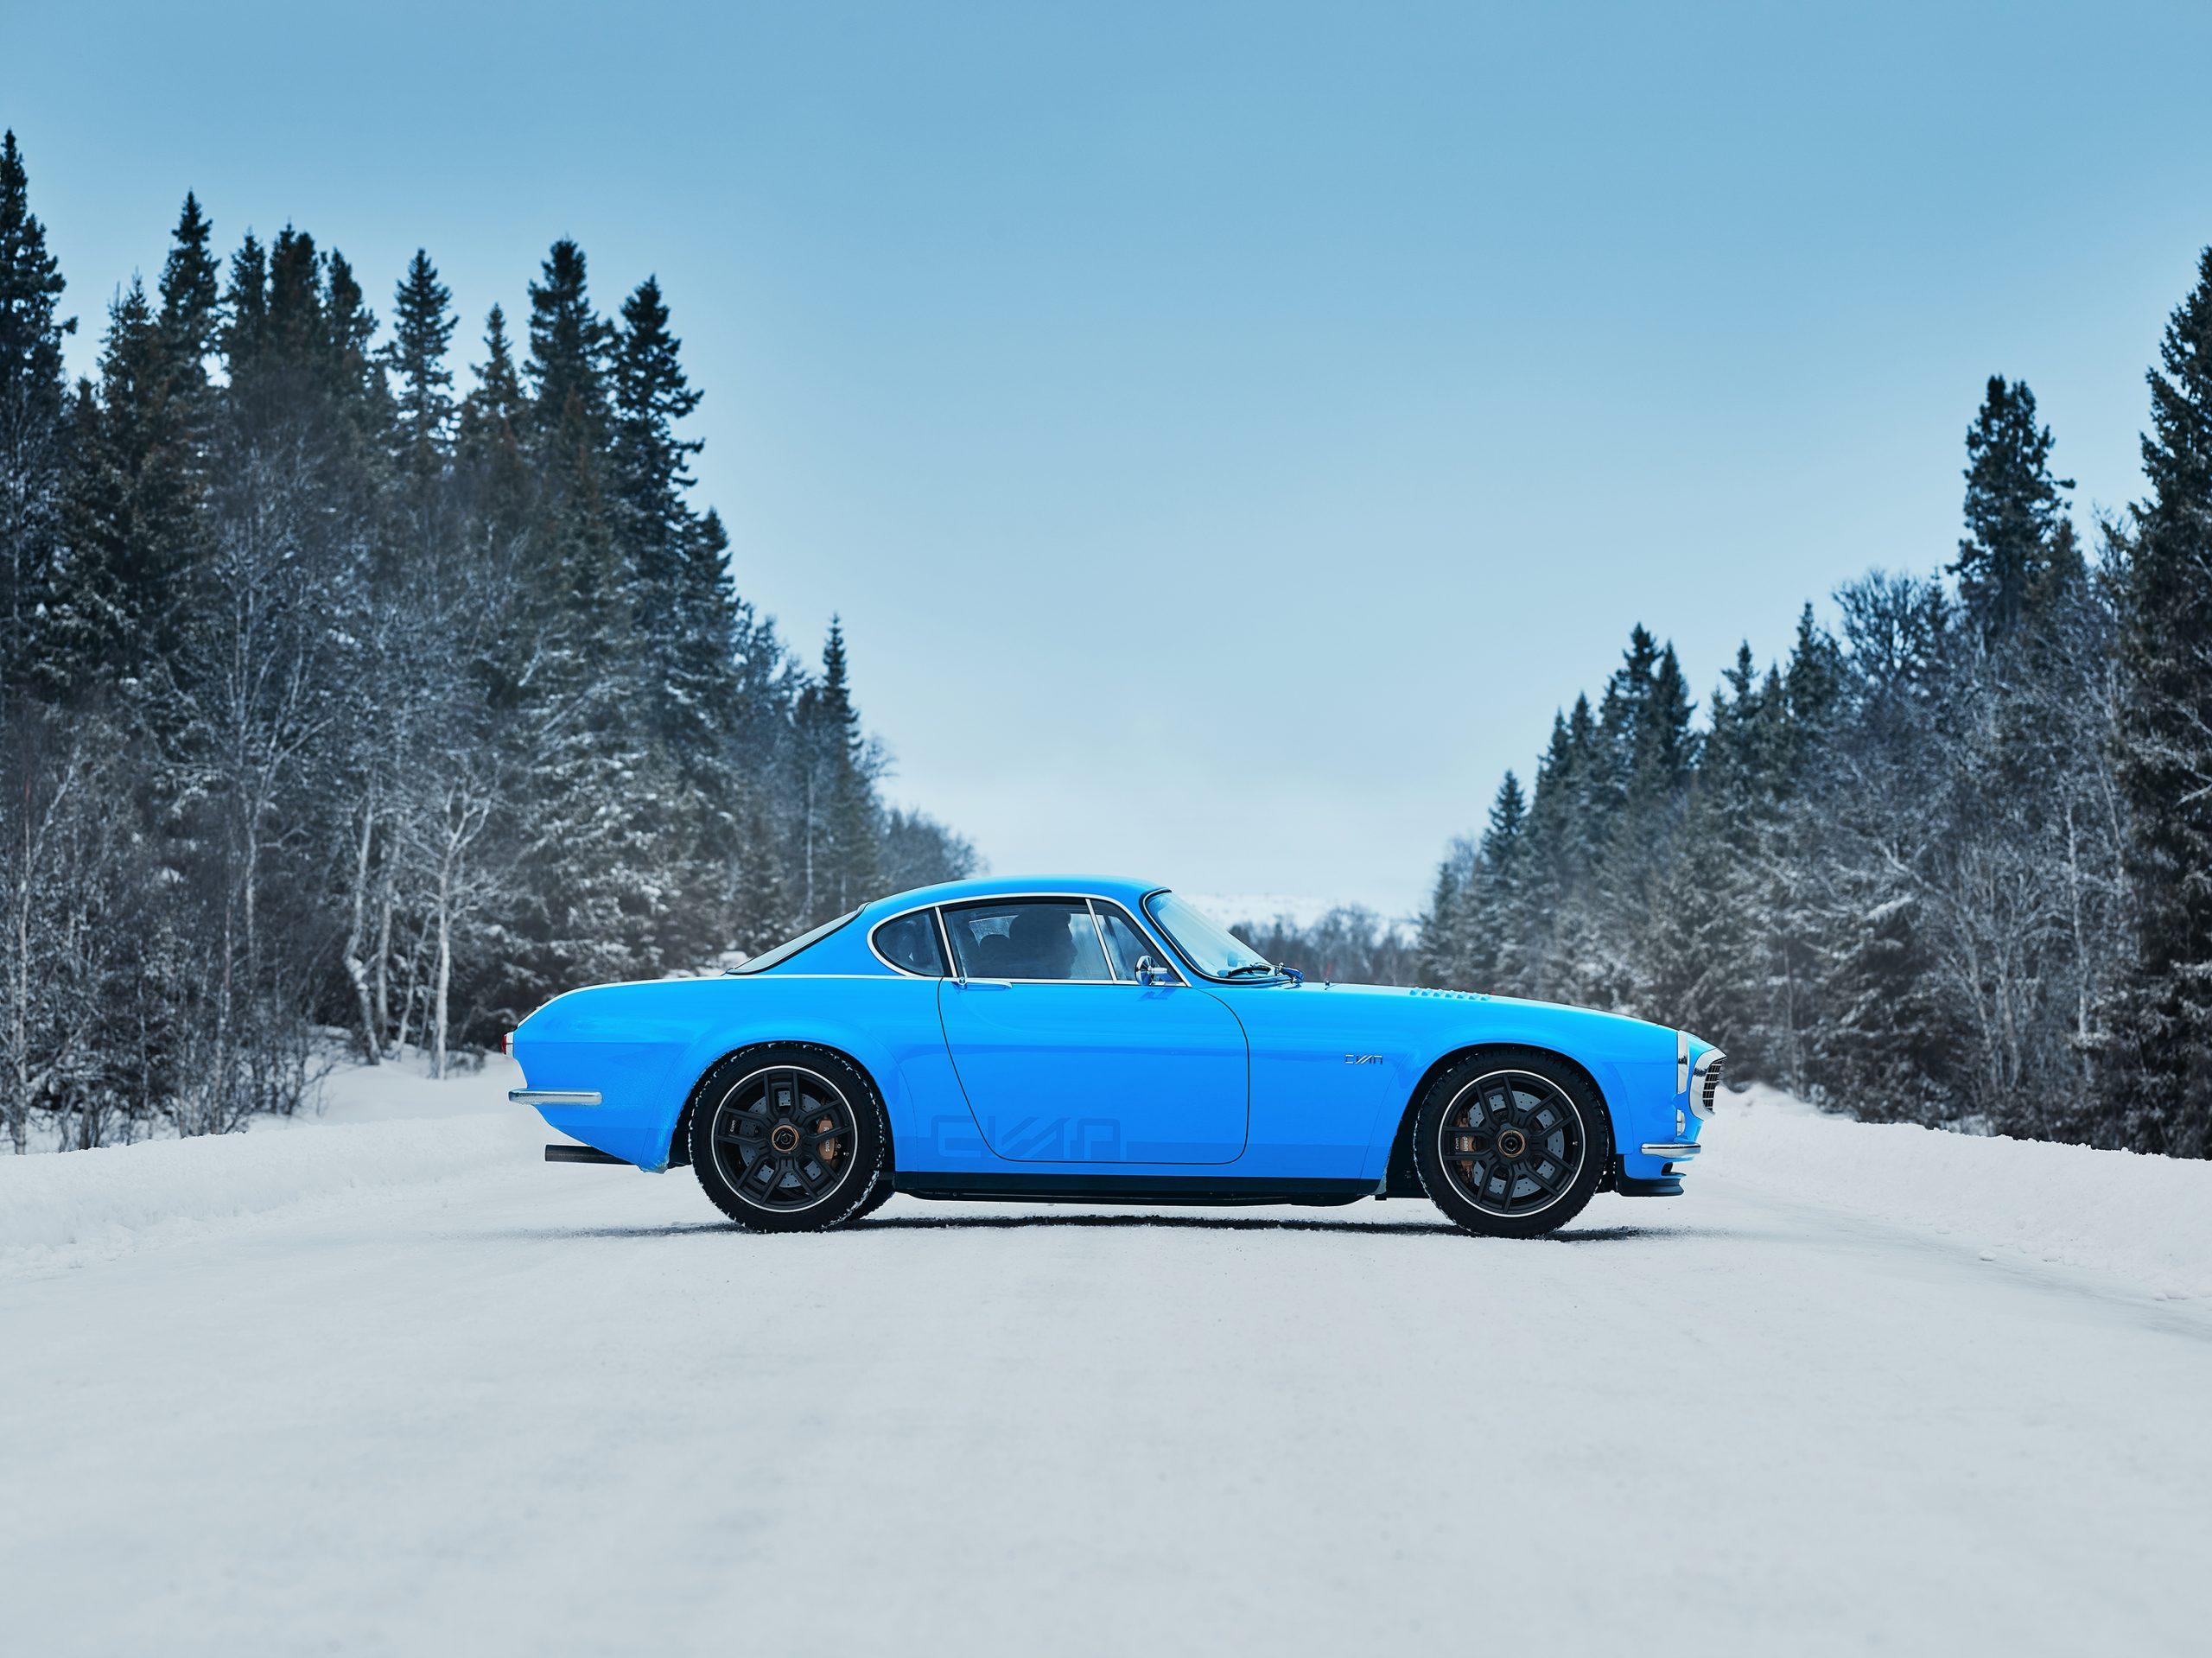 Cyan Racing P1800 in the snow 2